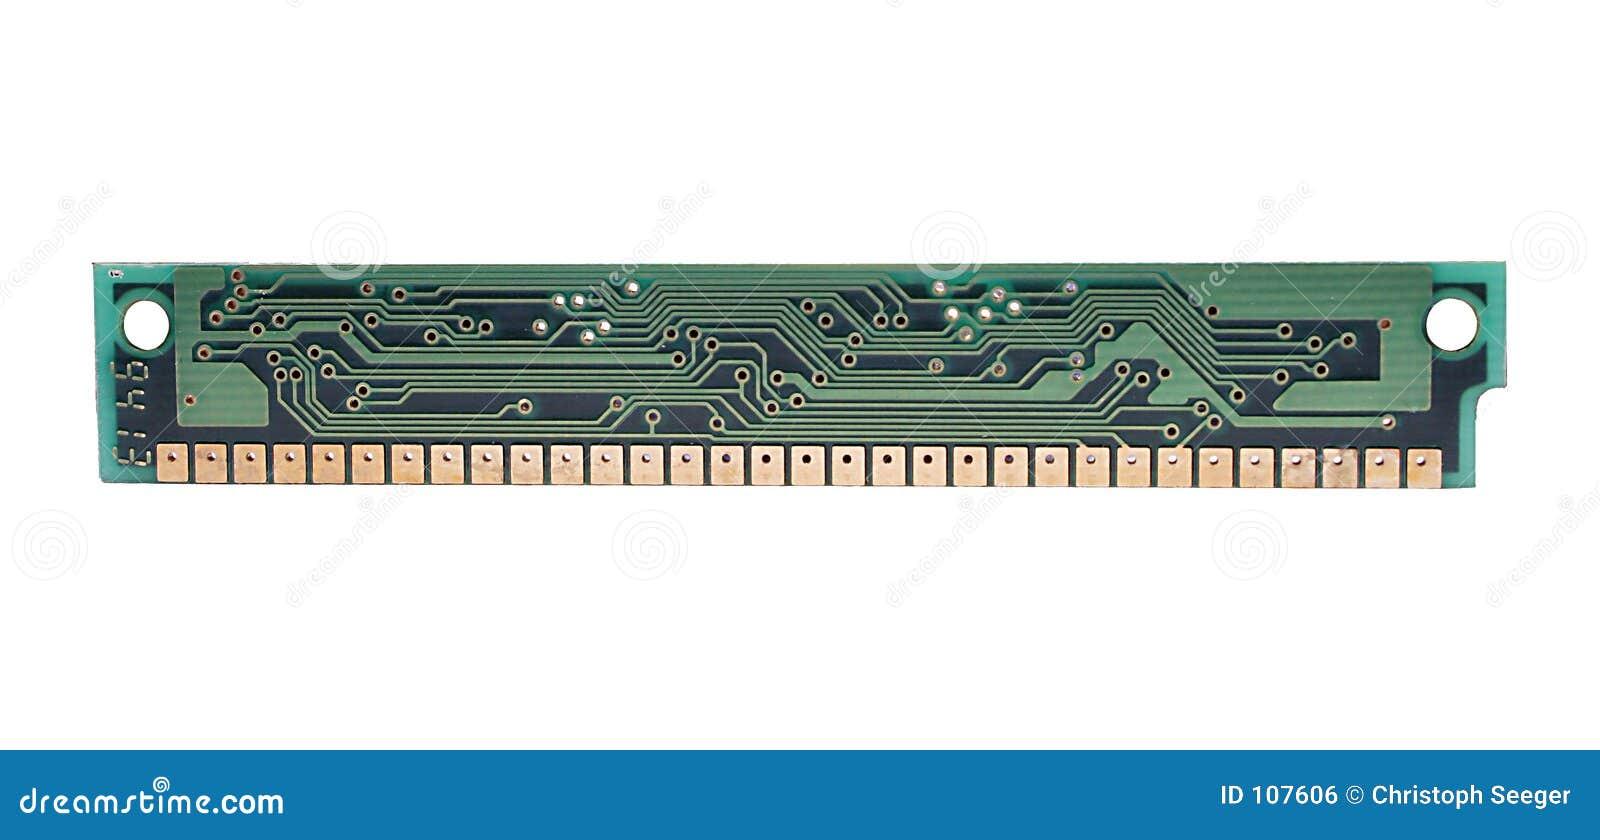 Microplaqueta de ram do computador